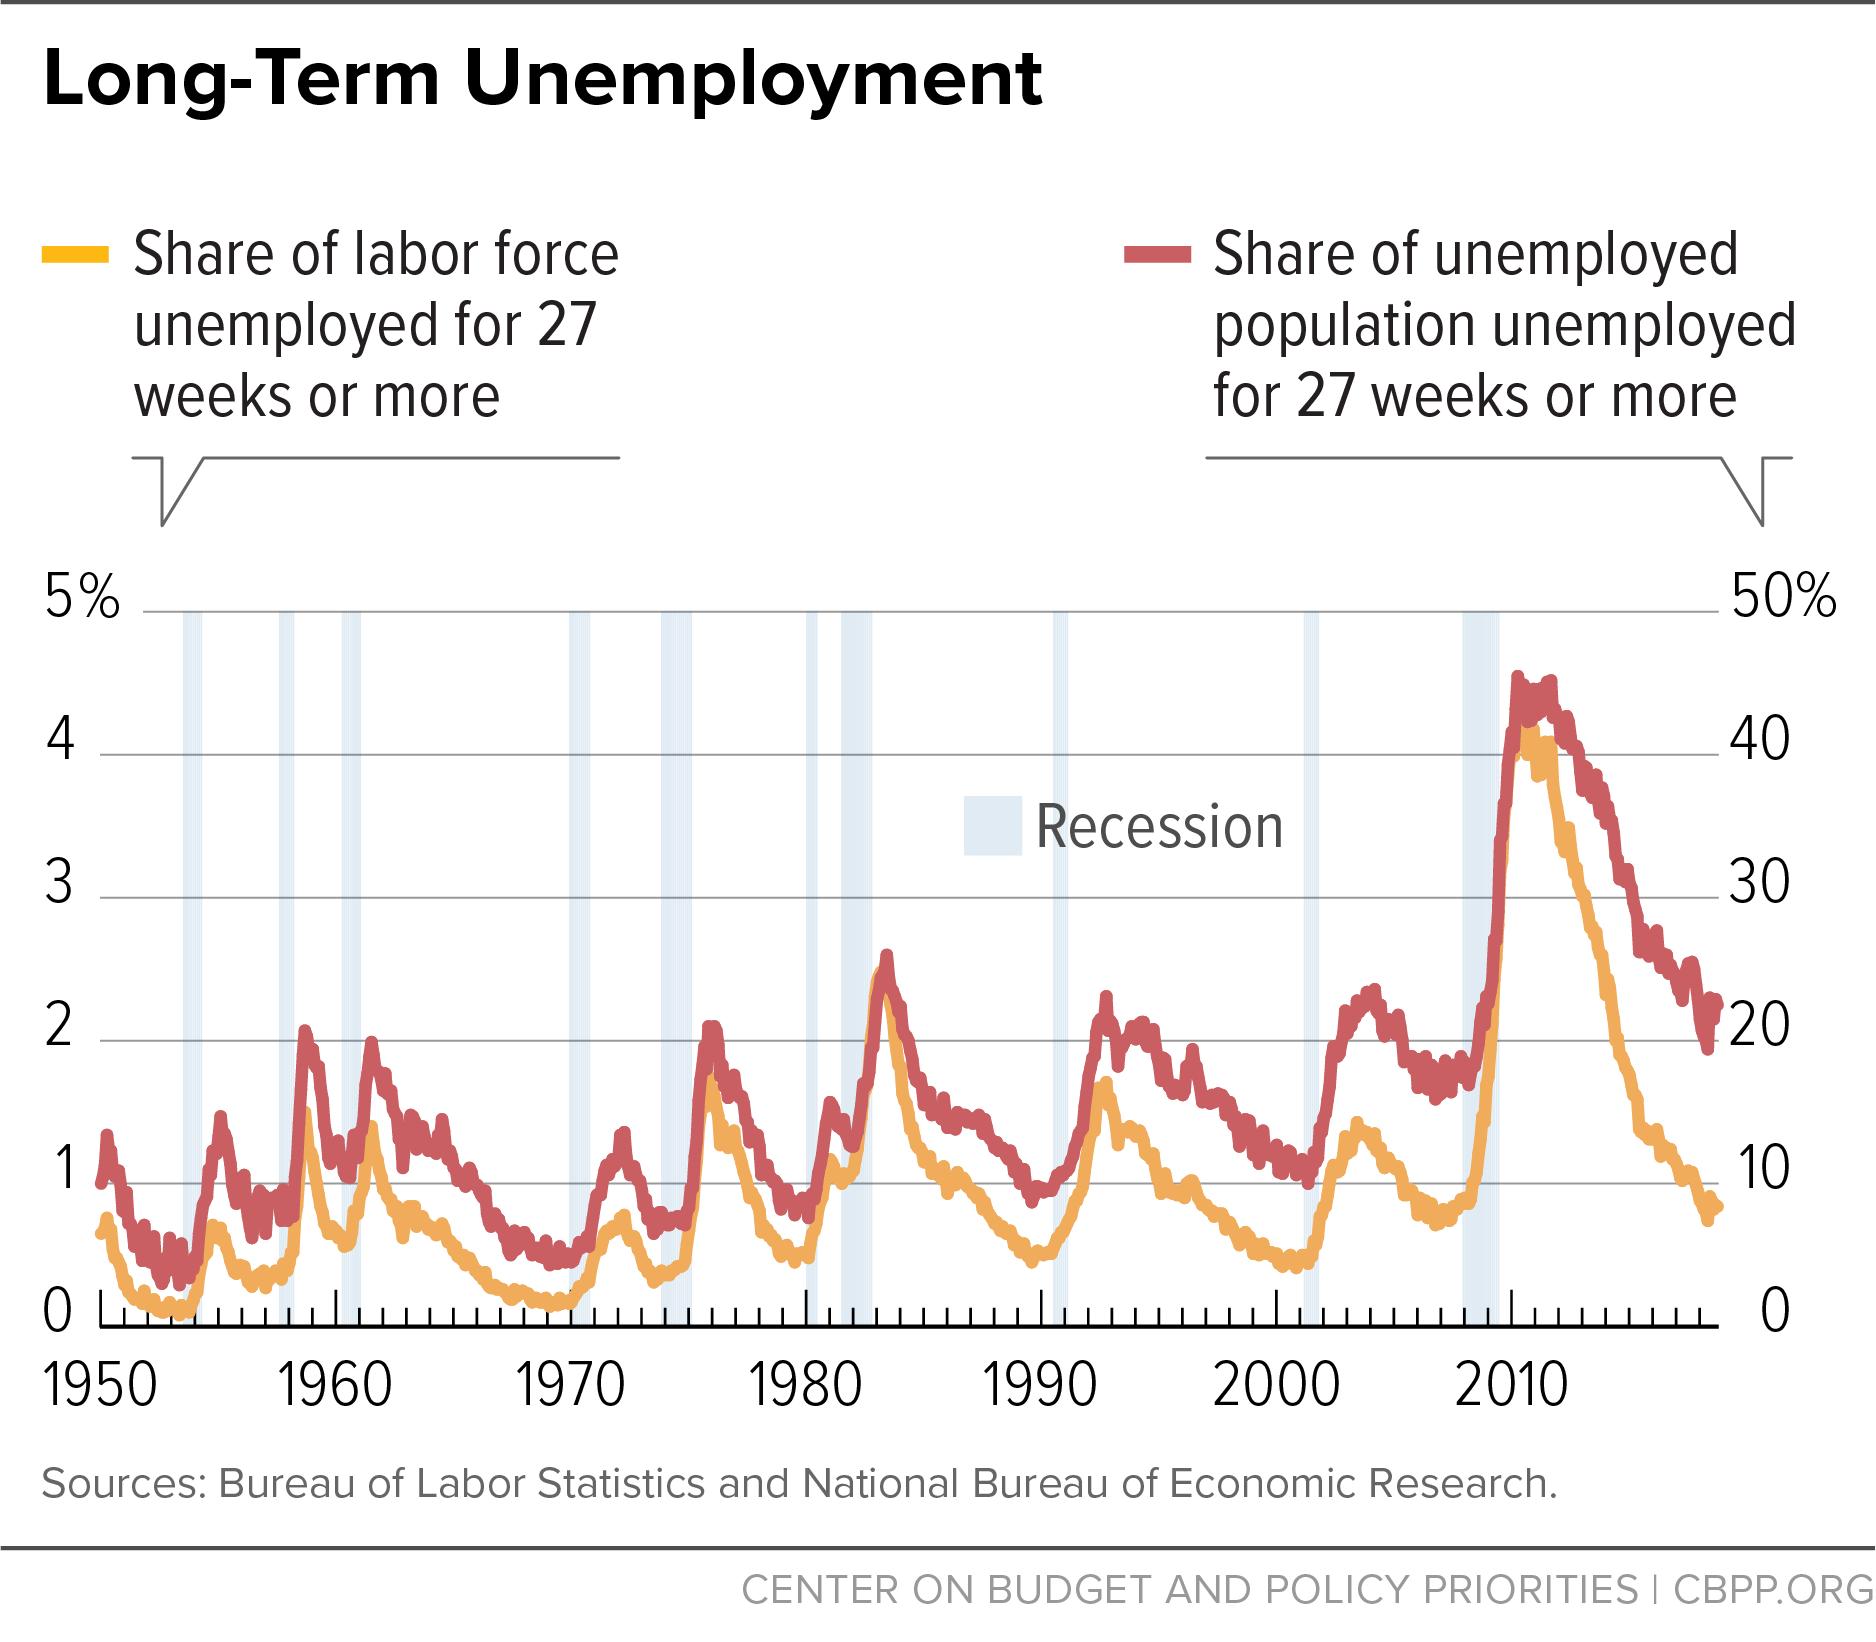 Long-Term Unemployment